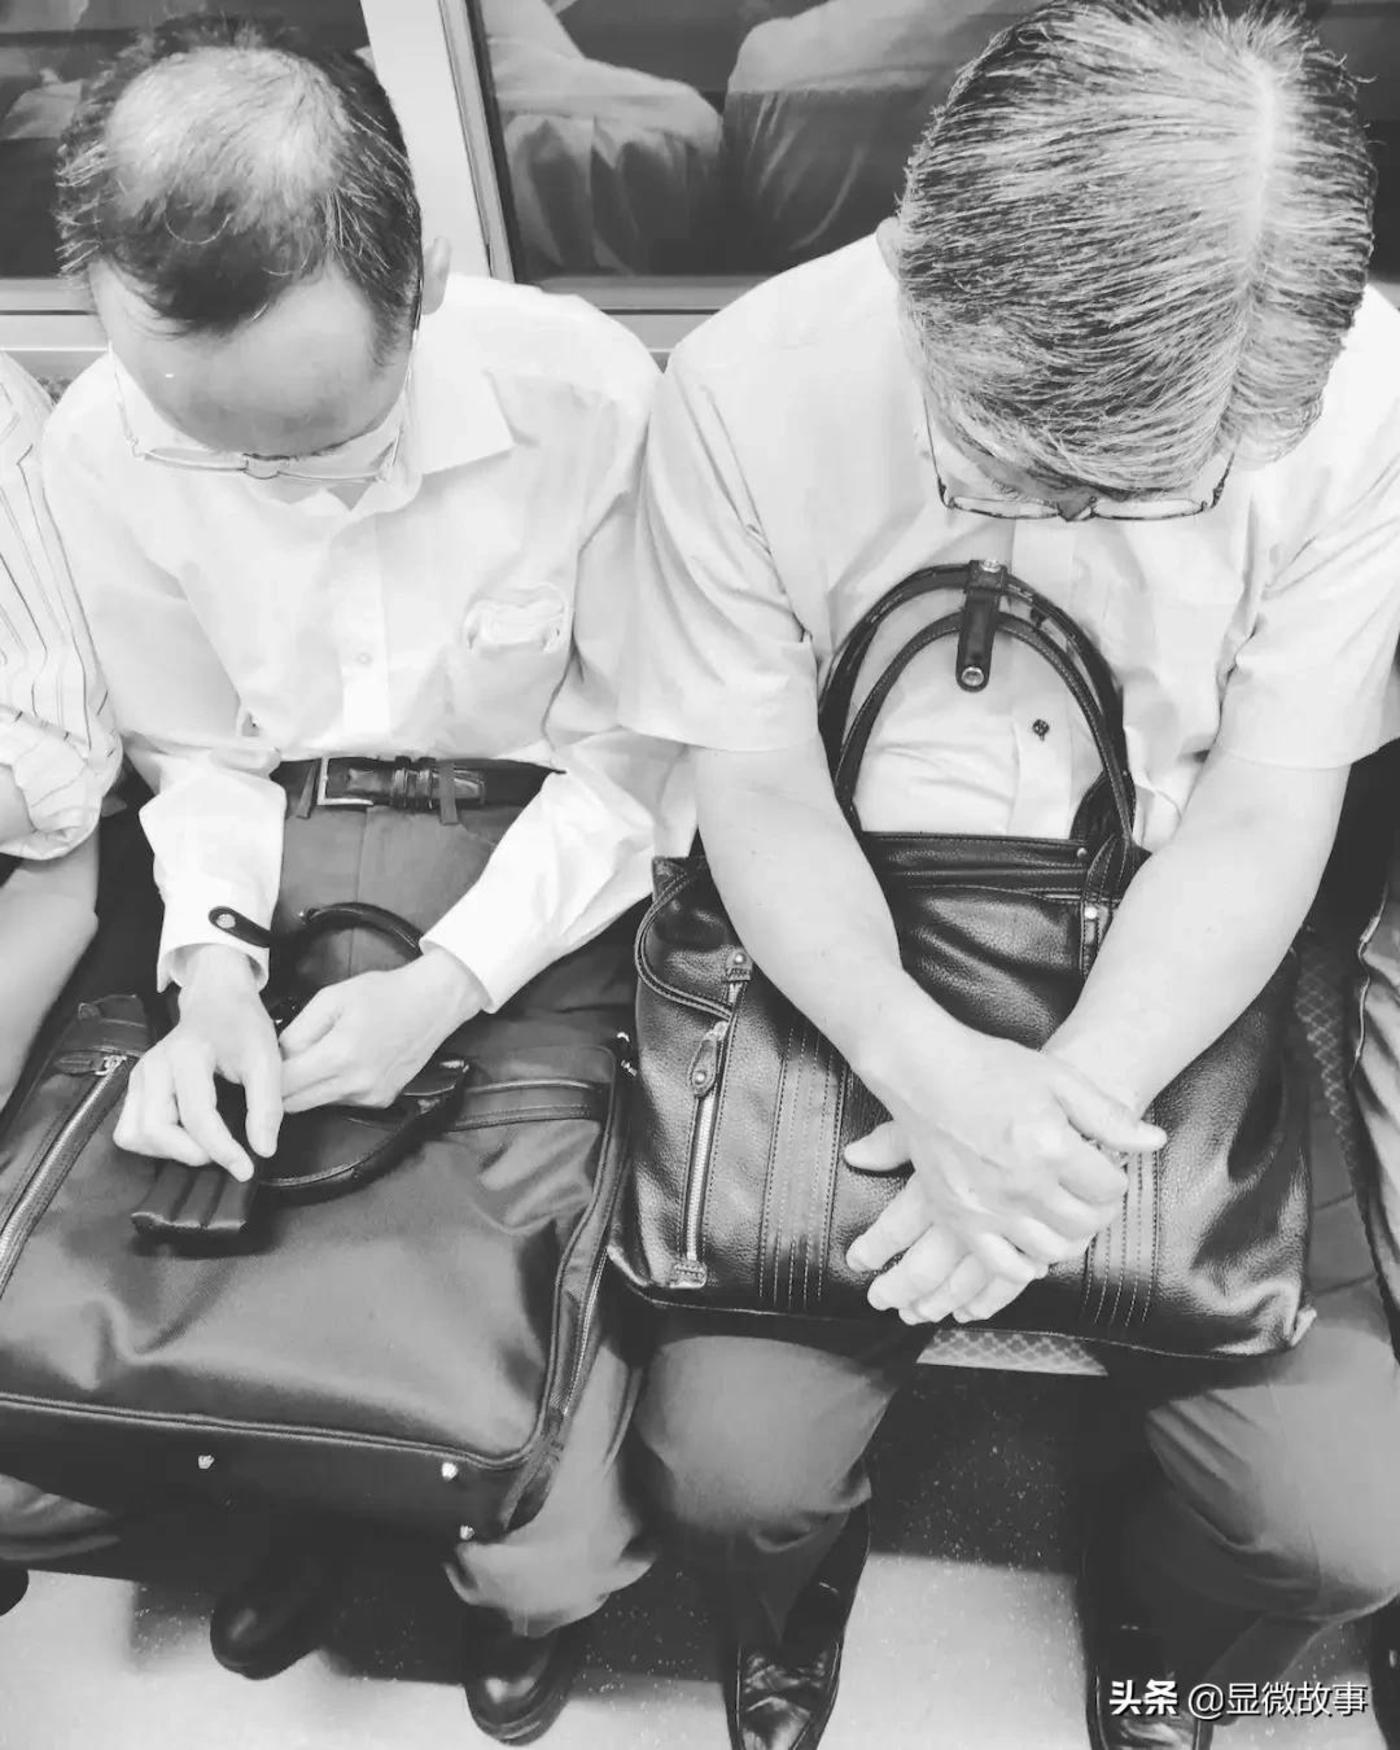 图 | 地铁上的银发年轻人